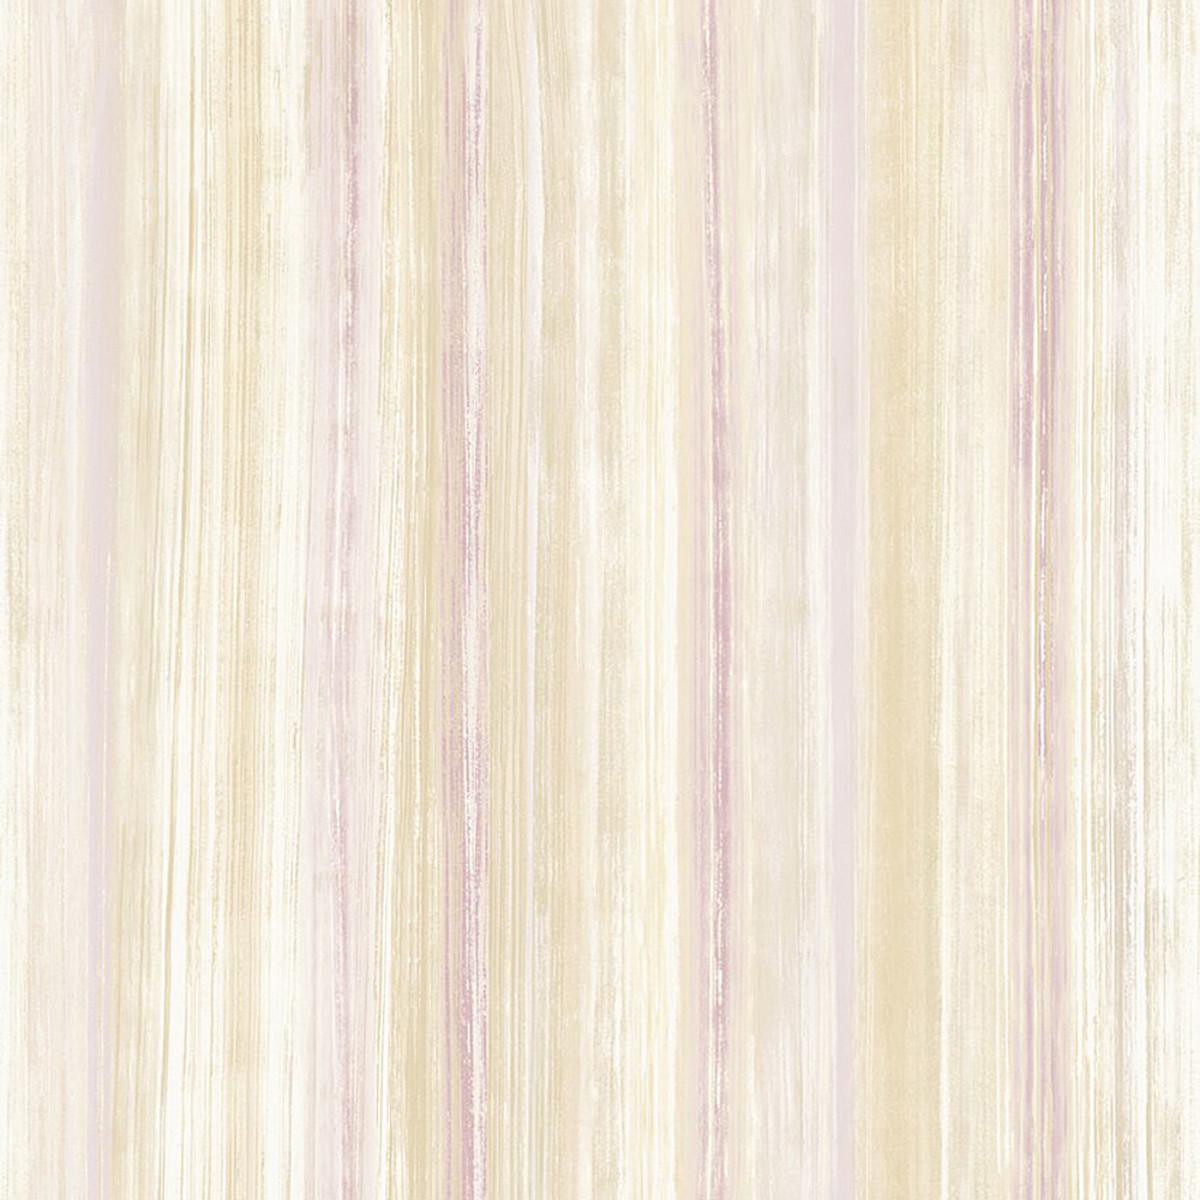 Обои флизелиновые Grandeco Painterly фиолетовые 0.53 м PY4005